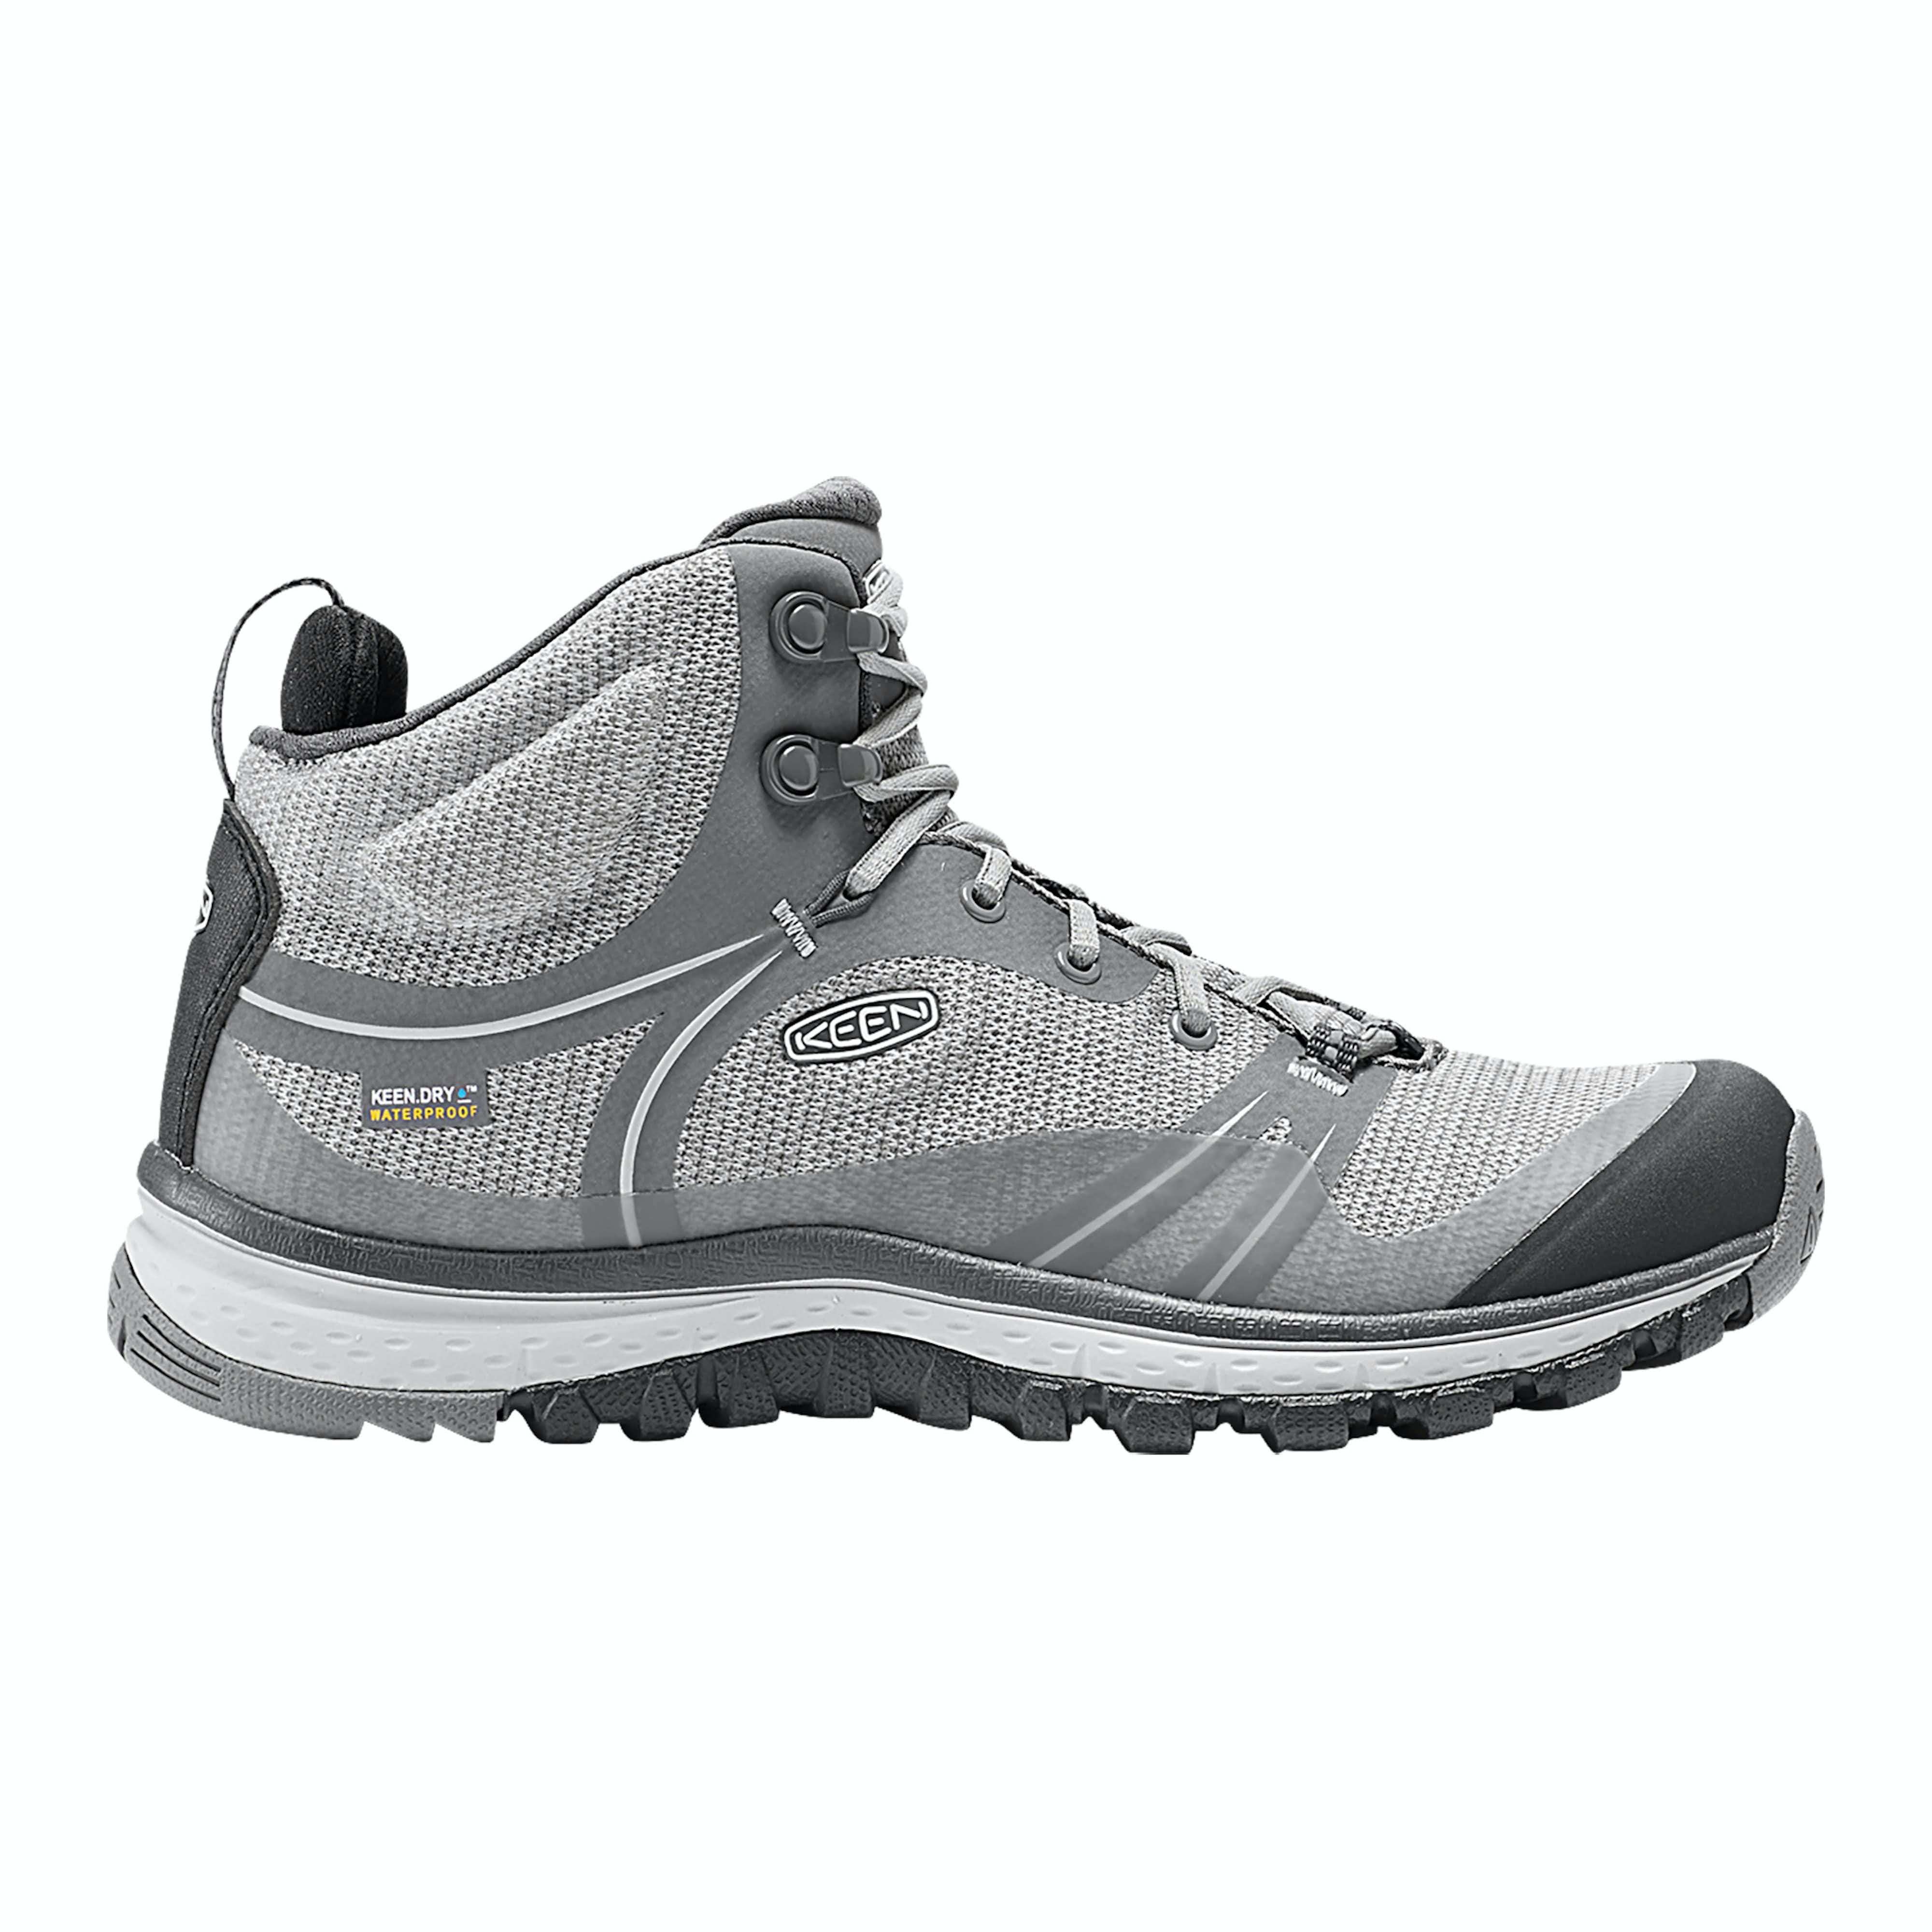 07a5ee750741 Keen Terradora Mid Women s Hiking Boots Keen Terradora Mid Women s Hiking  Boots